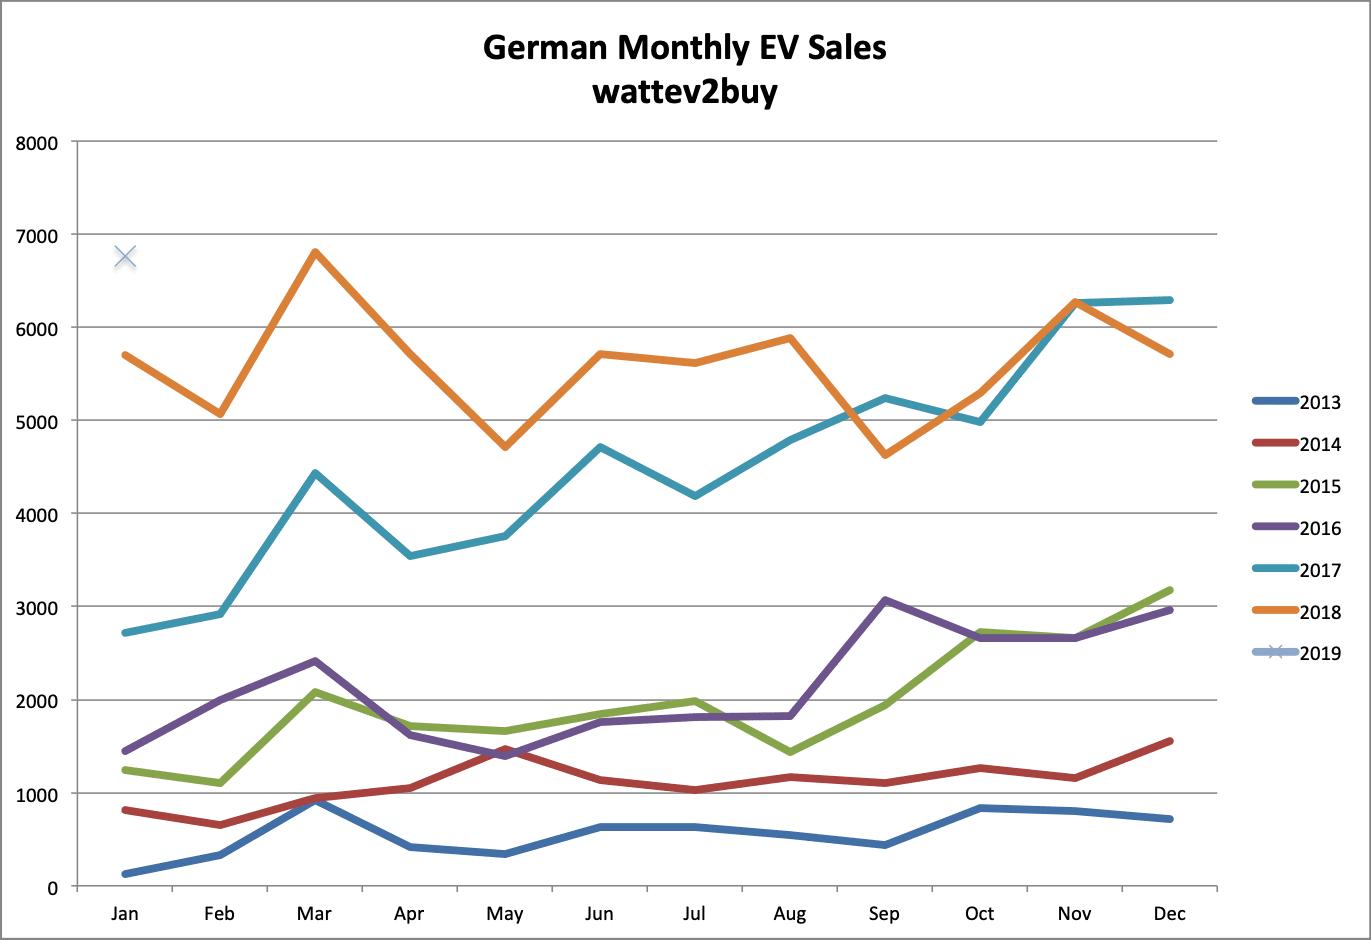 German-ev-sales-graph-january-2019